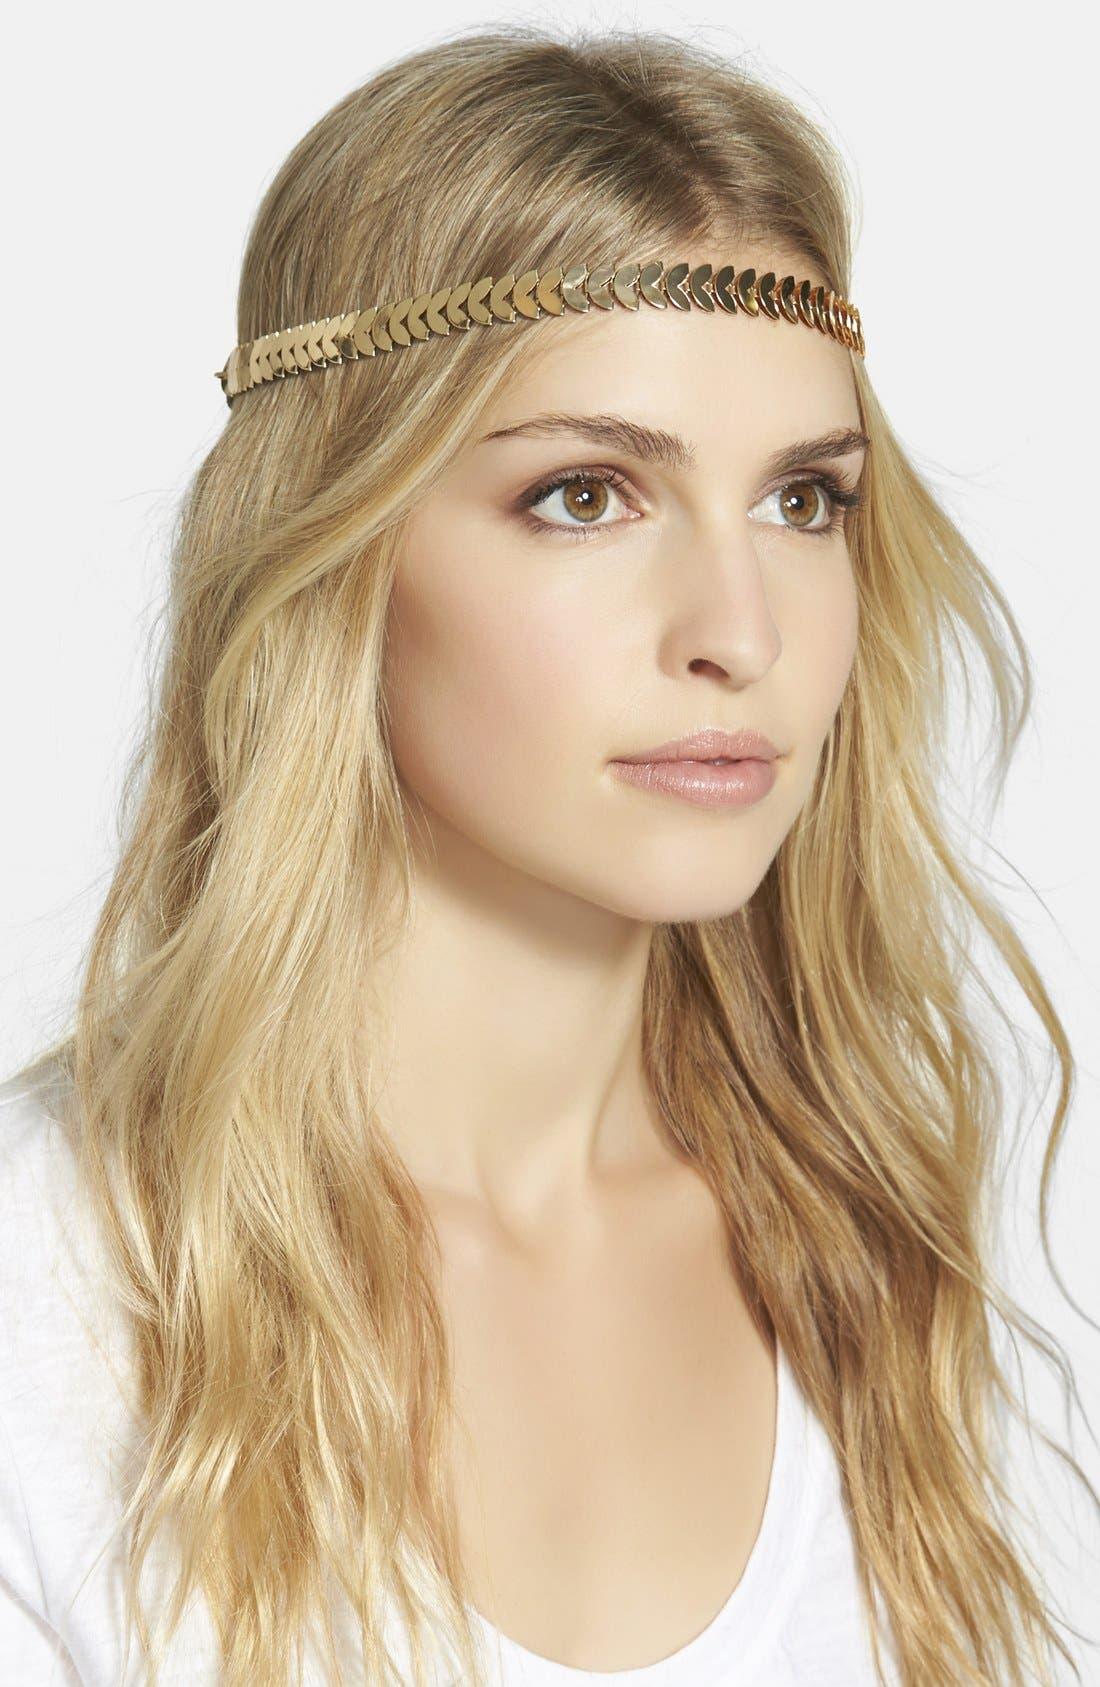 Main Image - Tasha 'Strands of Leaves' Headband